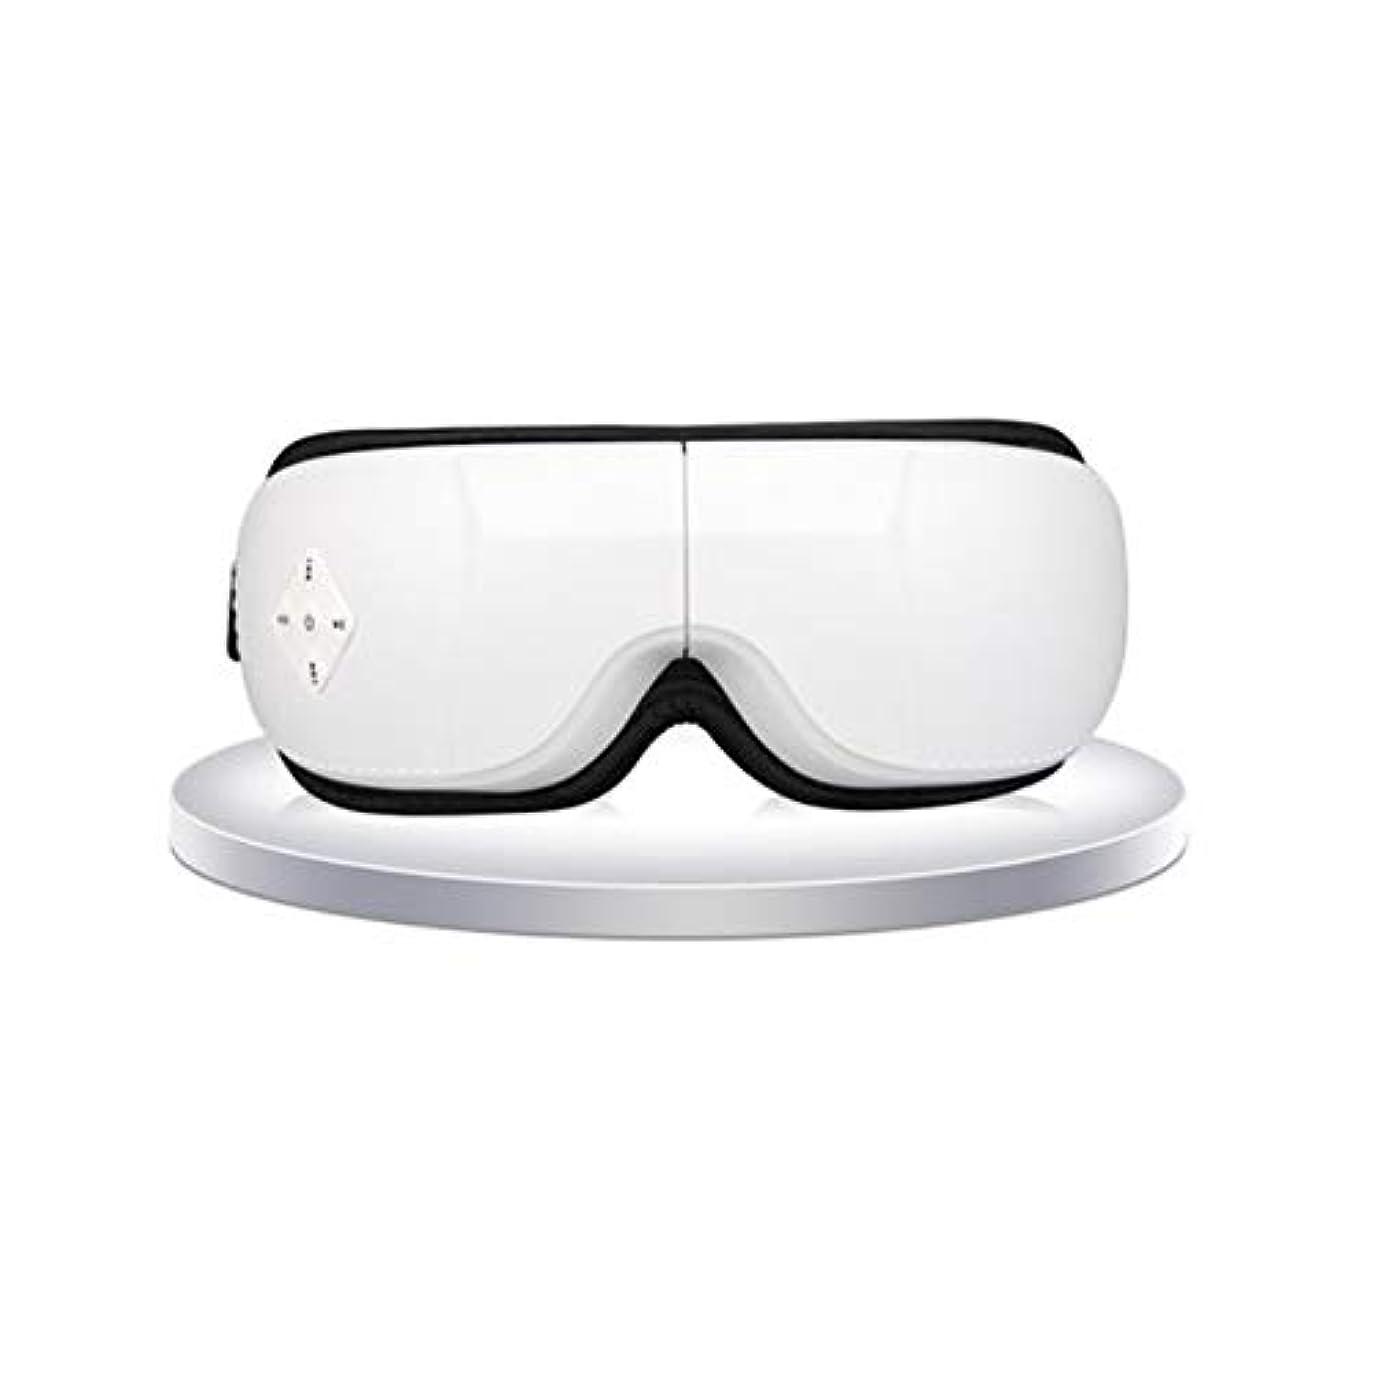 権限を与えるページェントコイルマッサージャーマッサージアイプロテクターホットアイマスク疲労緩和マッサージ (Color : White)